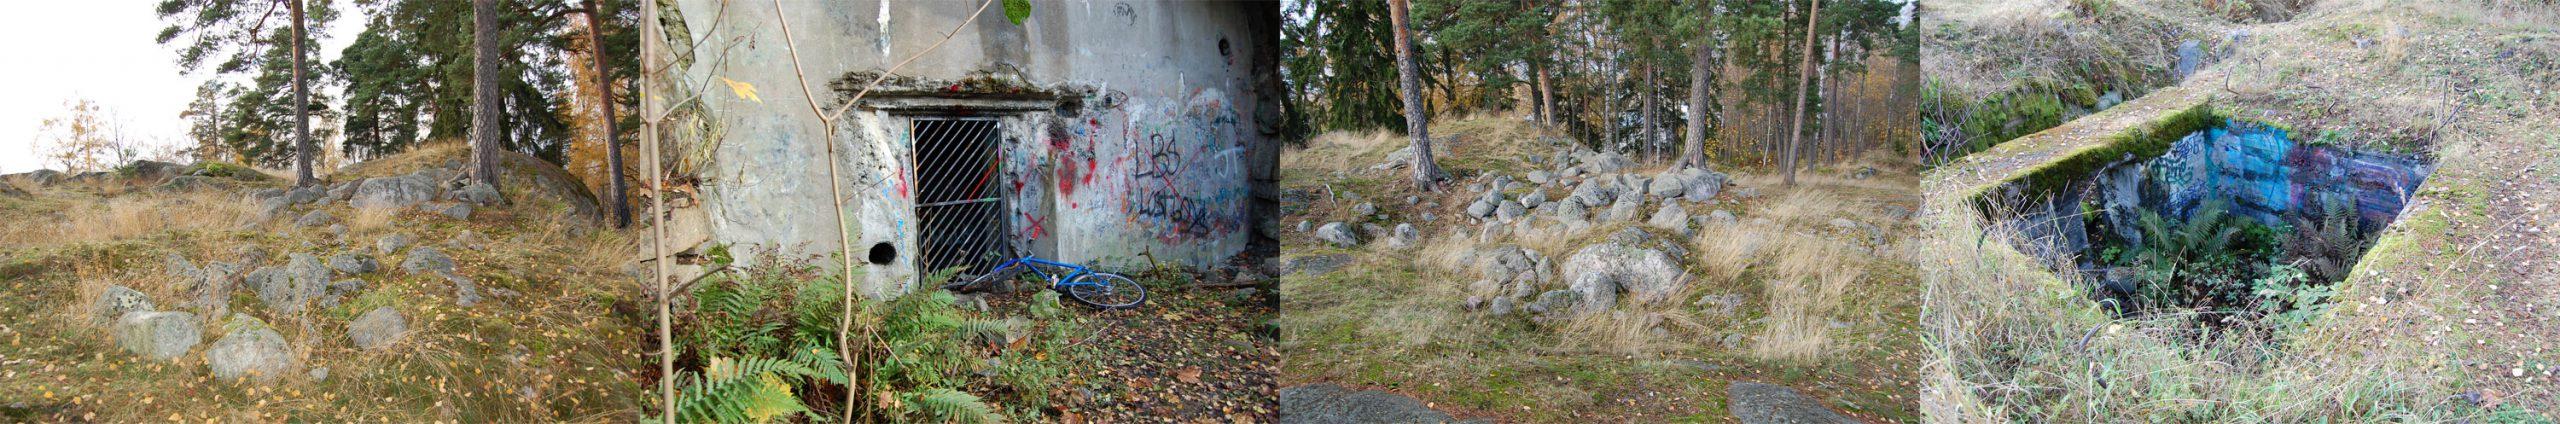 Helsingin Vartiokylän linnavuorella ilkivallan kohteeksi ovat joutuneet niin esimmäisen maailmansodan maalinnoituksen rakenteet kuin muinaislinnan osat. Kuvat: Heidi Wirilander 2012